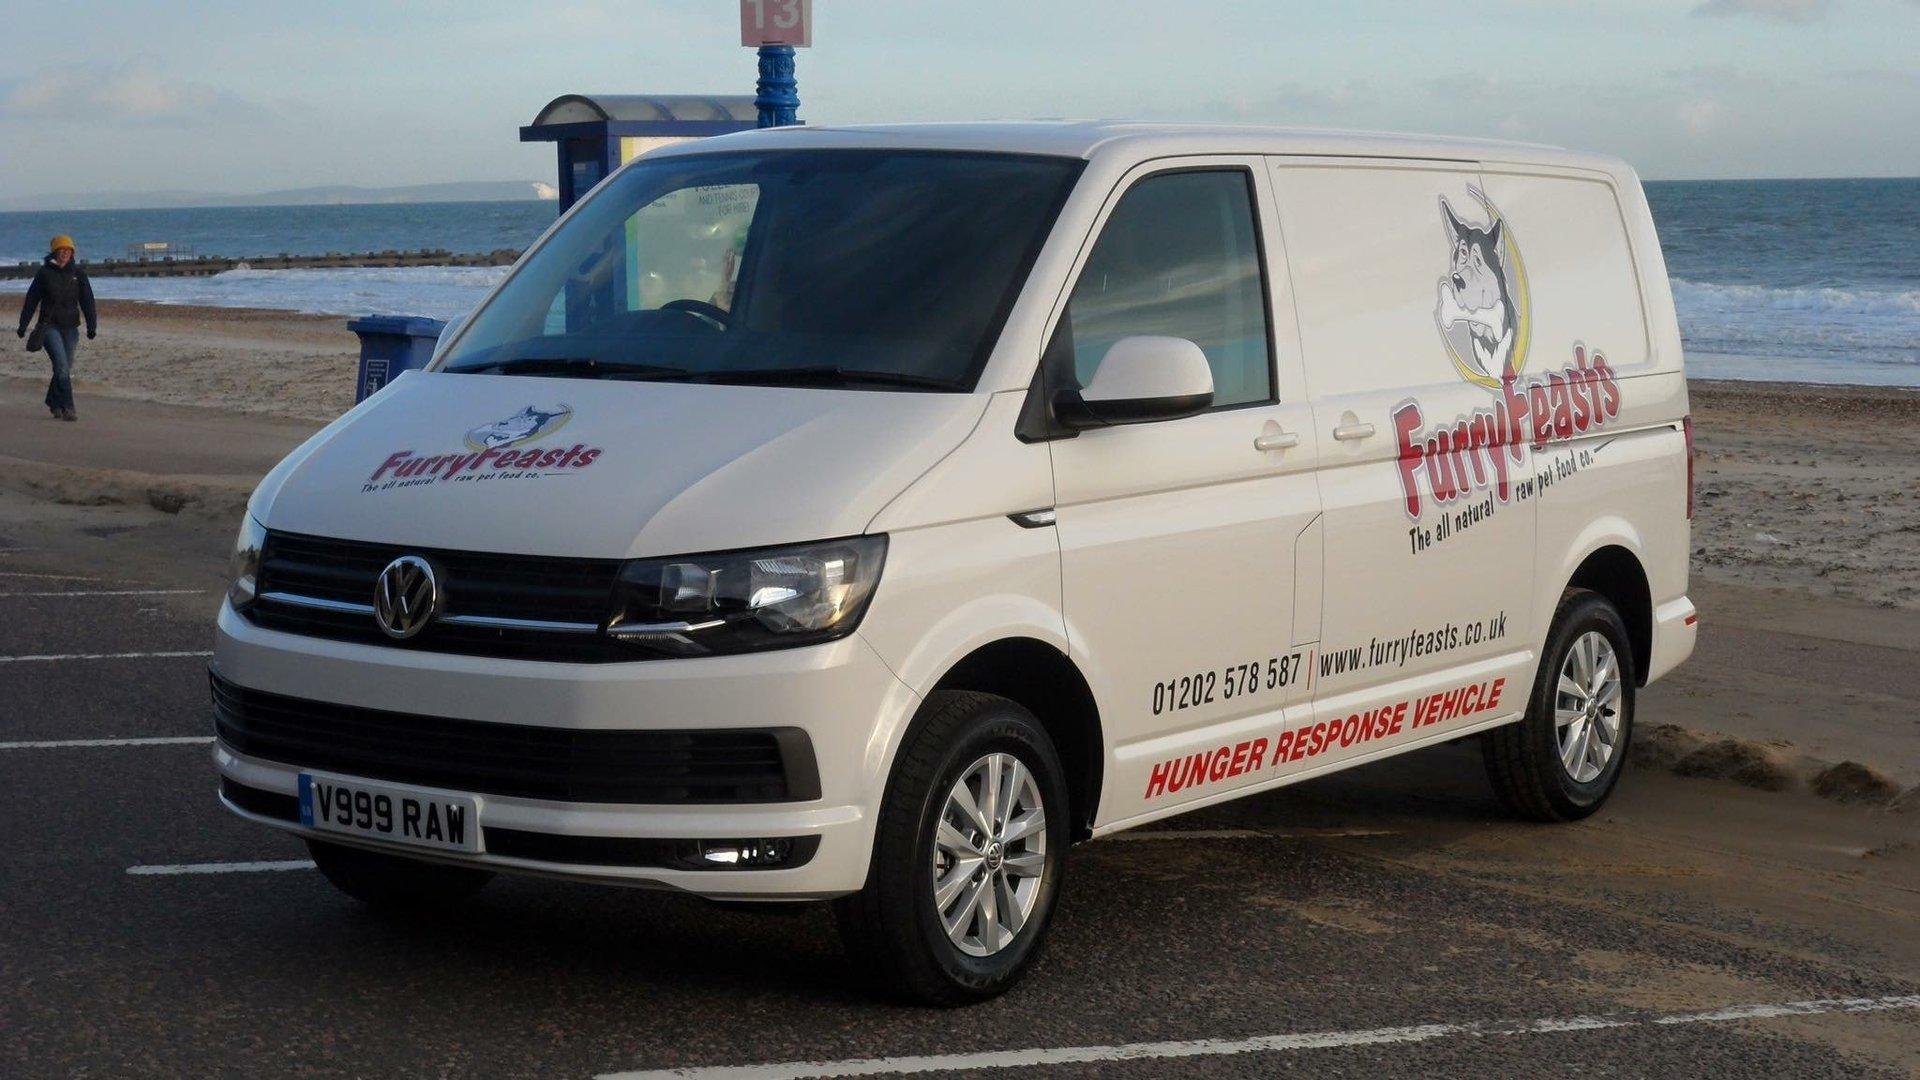 Furry Feasts Delivery van